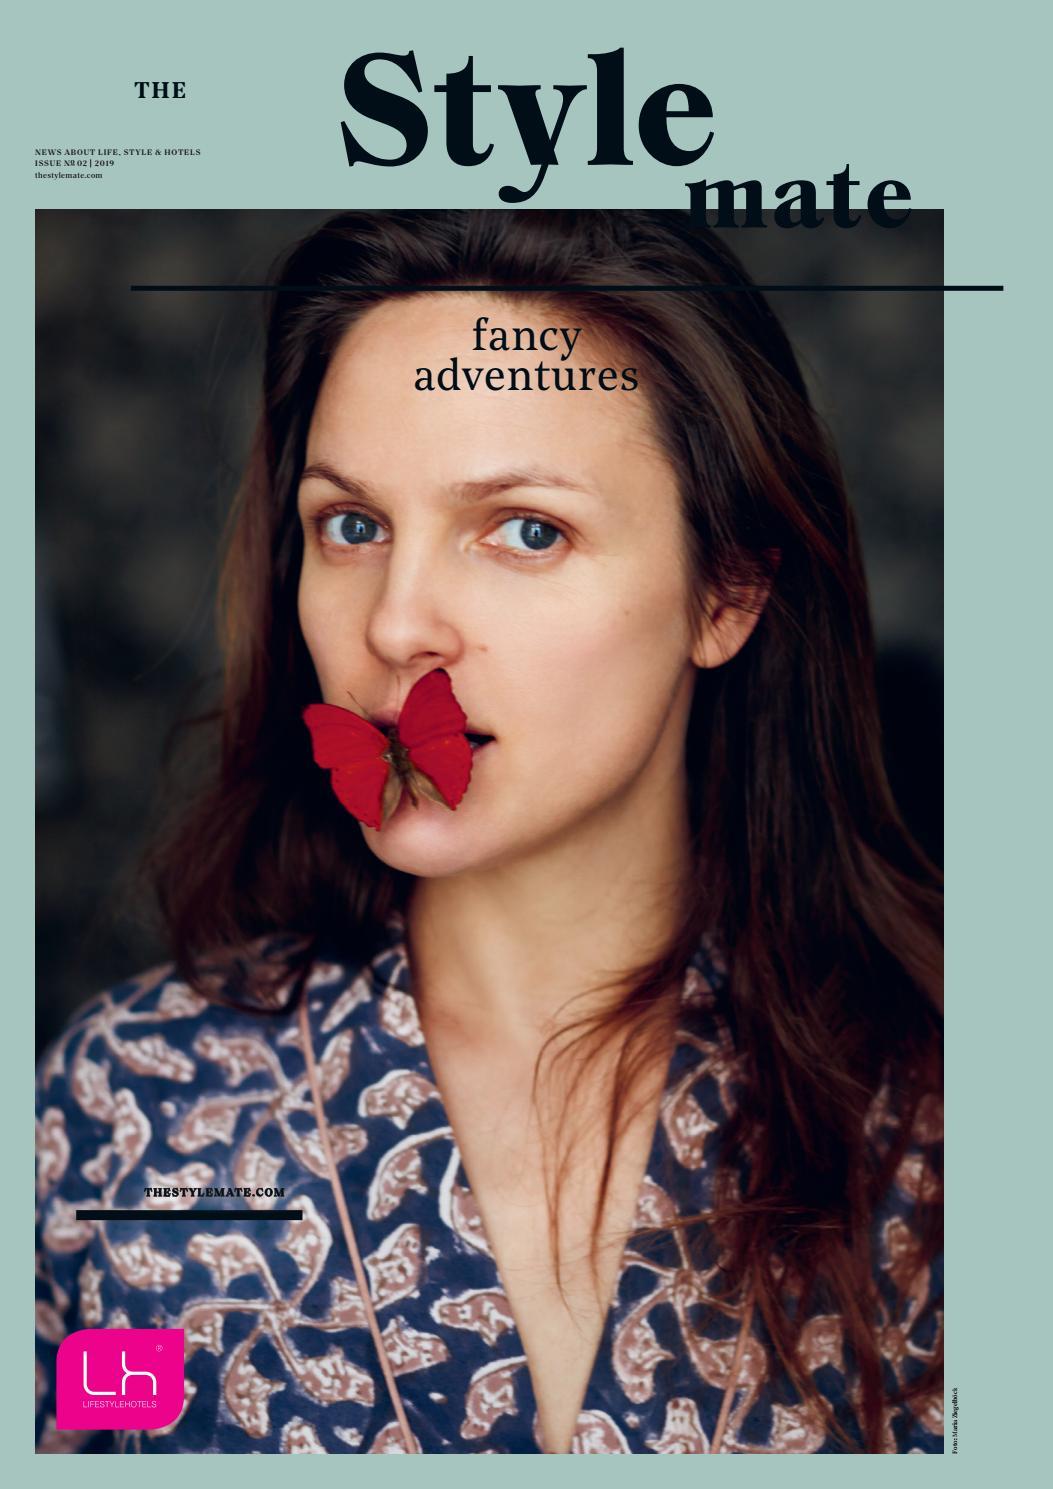 fancy Stylemate 02 DEUTSCH THE 19 THE adeventures by rtshCQBdx